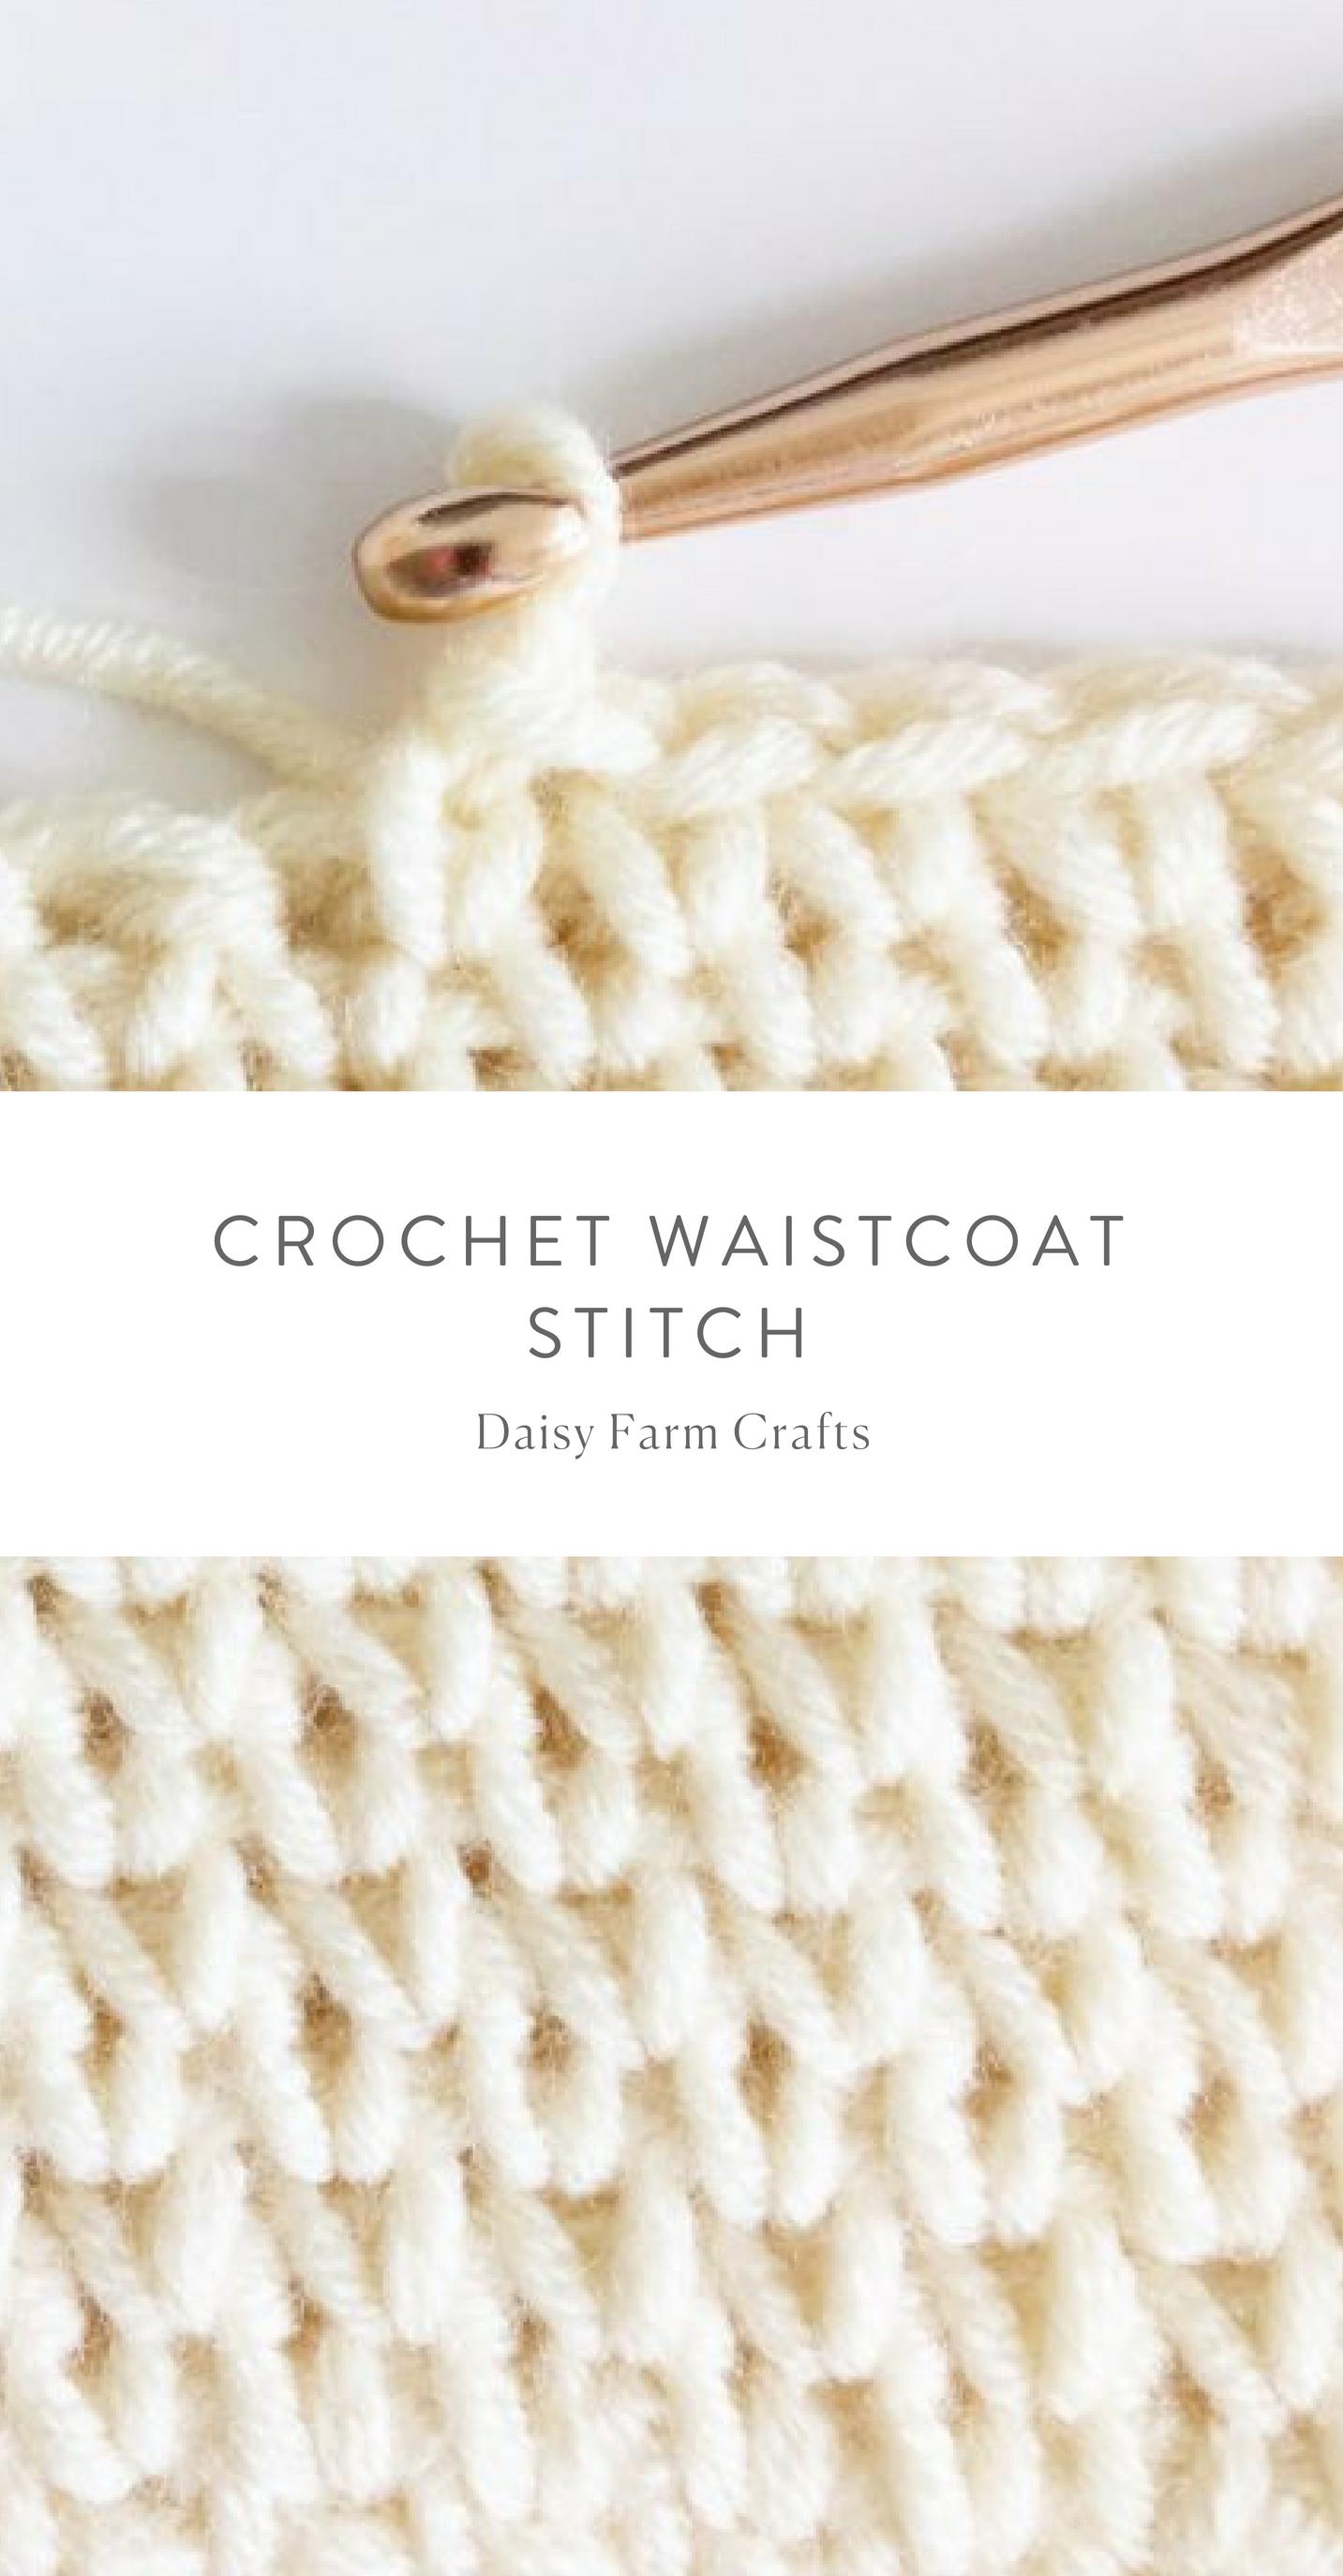 Free Pattern - Crochet Waistcoat Stitch #crochet   Crochet   Croché ...